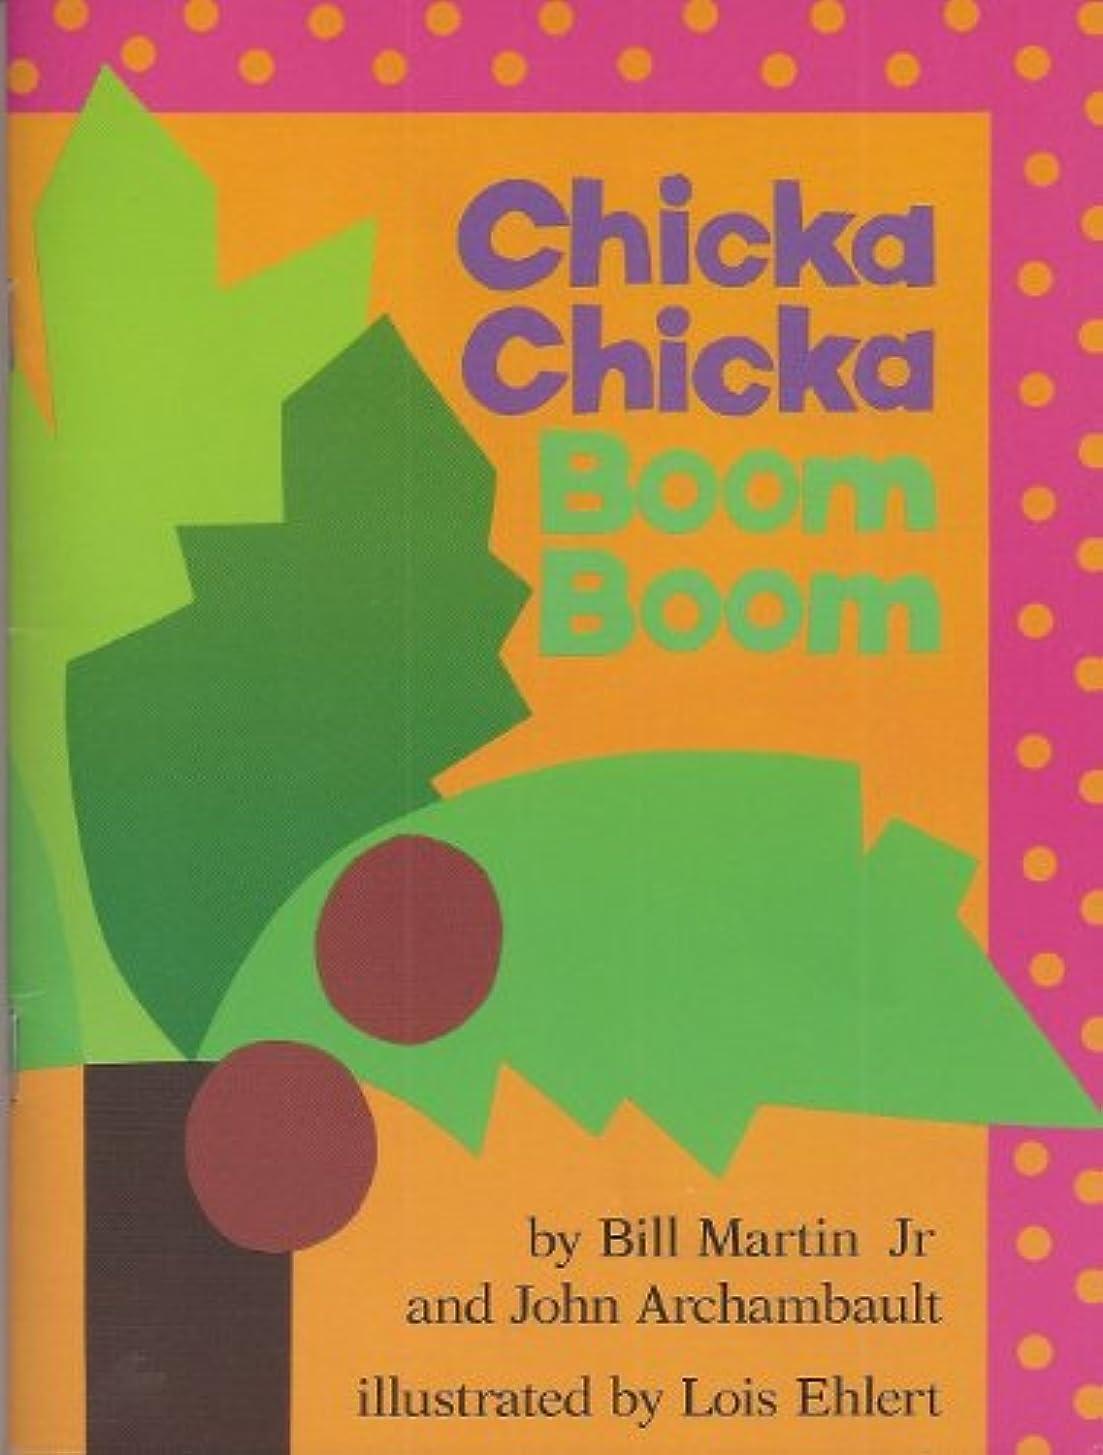 撃退する成長固めるBKSC Chicka Chicka Boom Boom